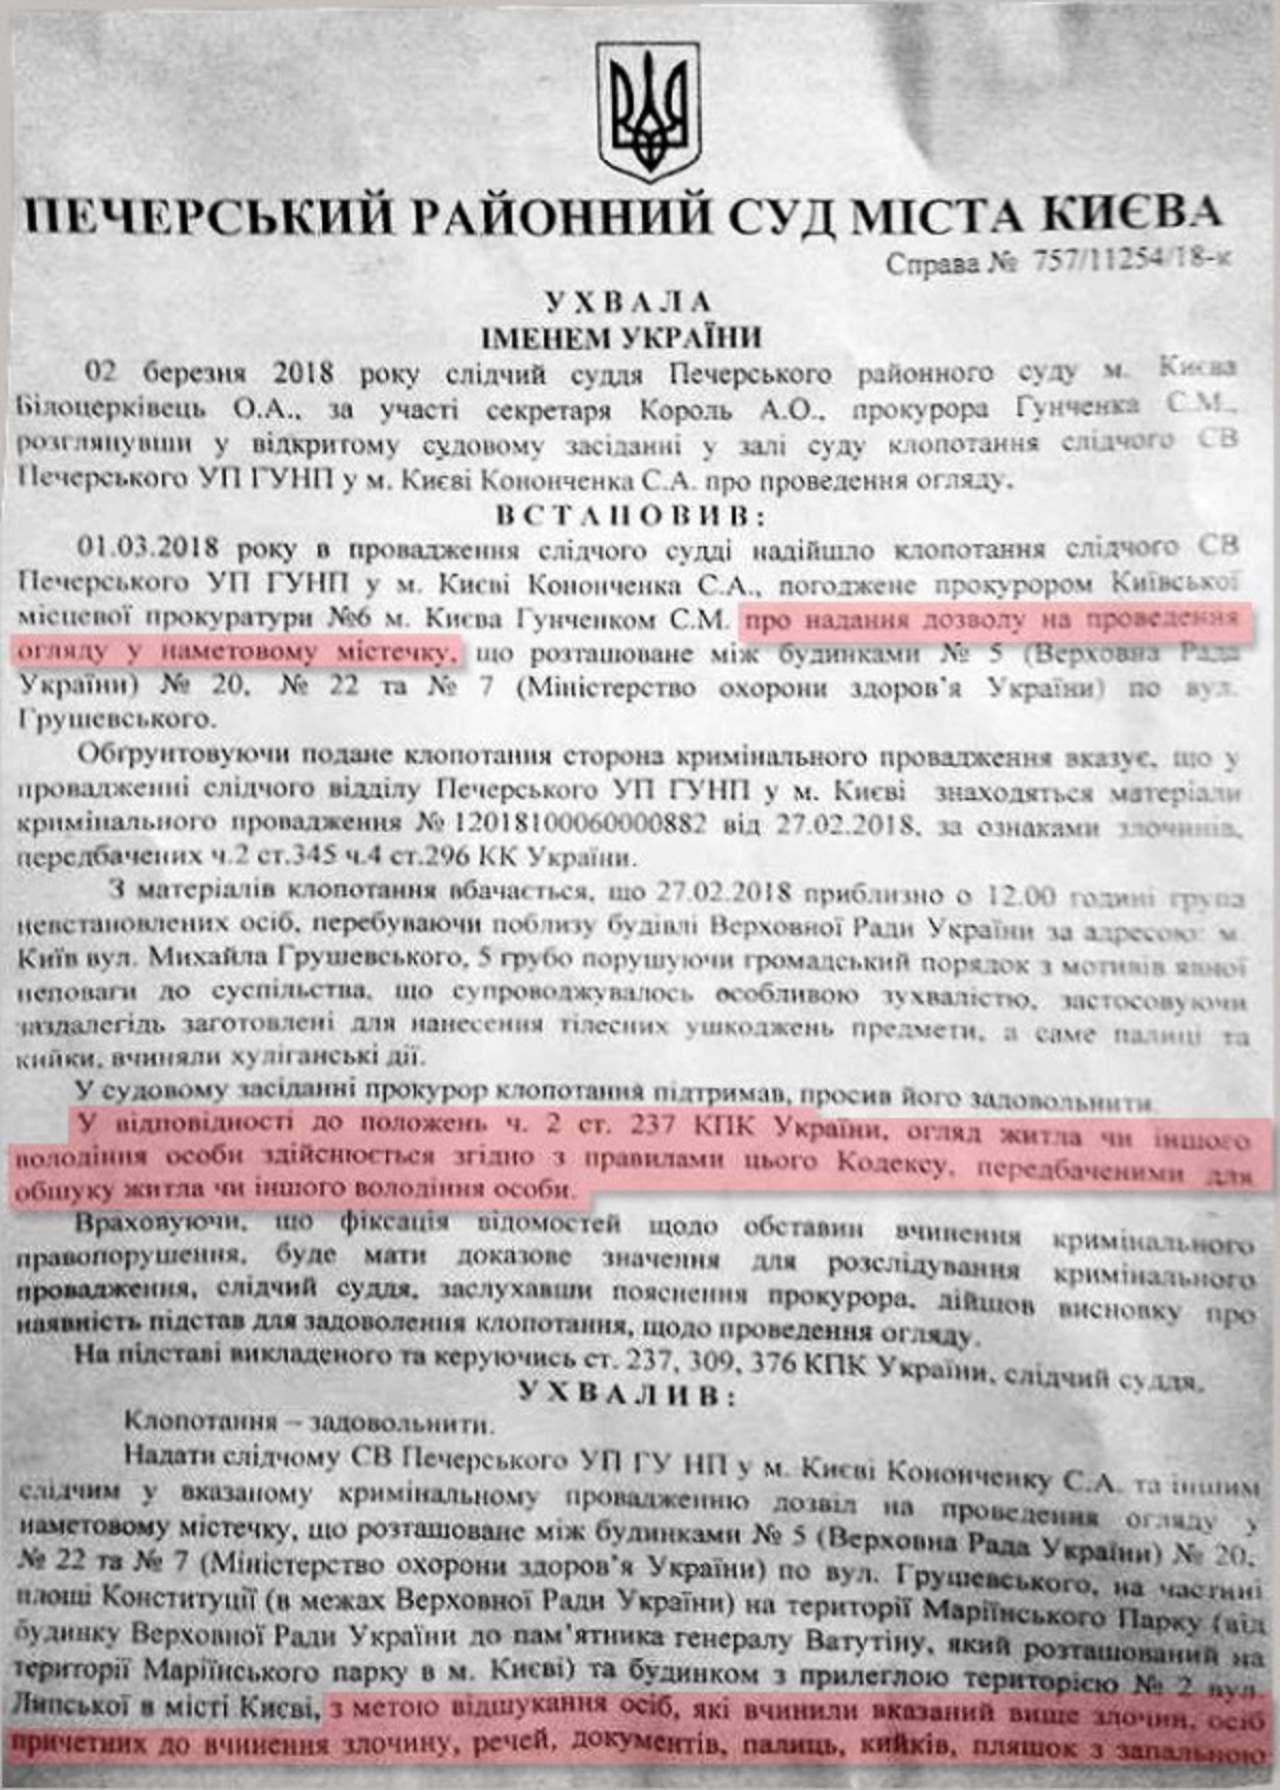 Нардеп: Суд не давал разрешение на снос палаточного городка под ВР (Документ)